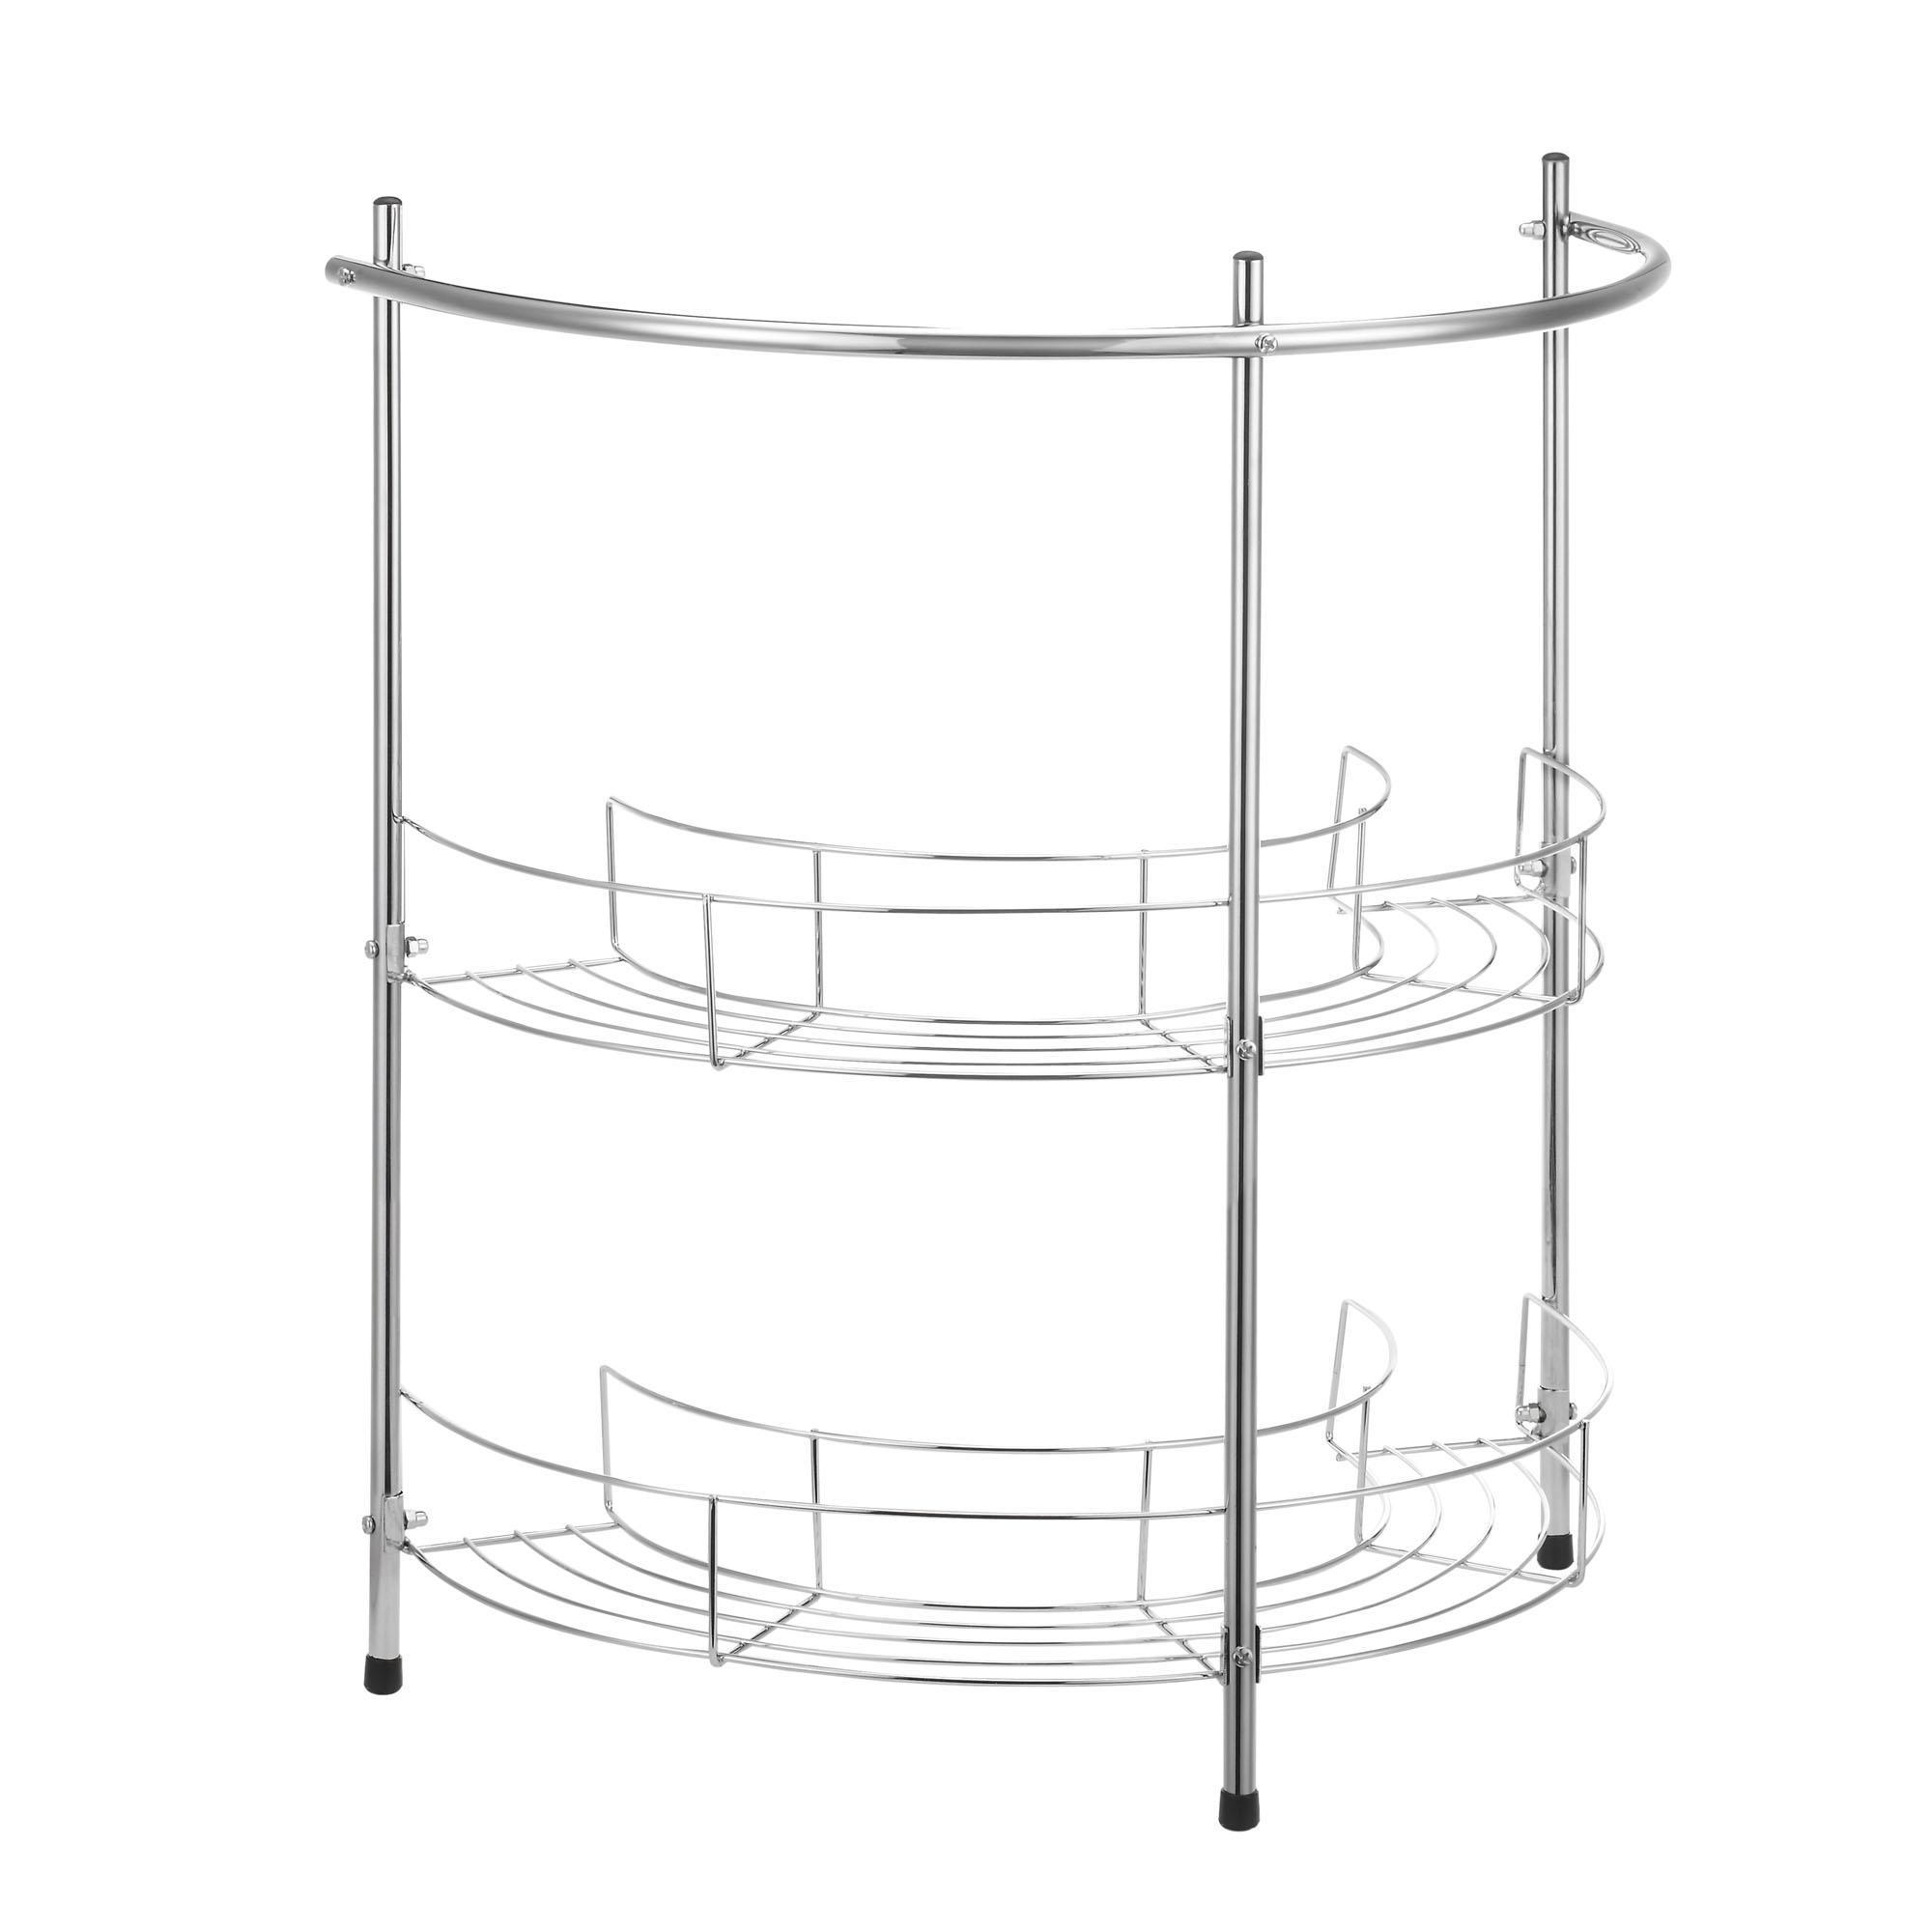 3 Tier Shelf Organizer Under Sink Rack Cabinet Storage: VonHaus 2 Tier Chrome Bathroom Under Basin Sink Storage